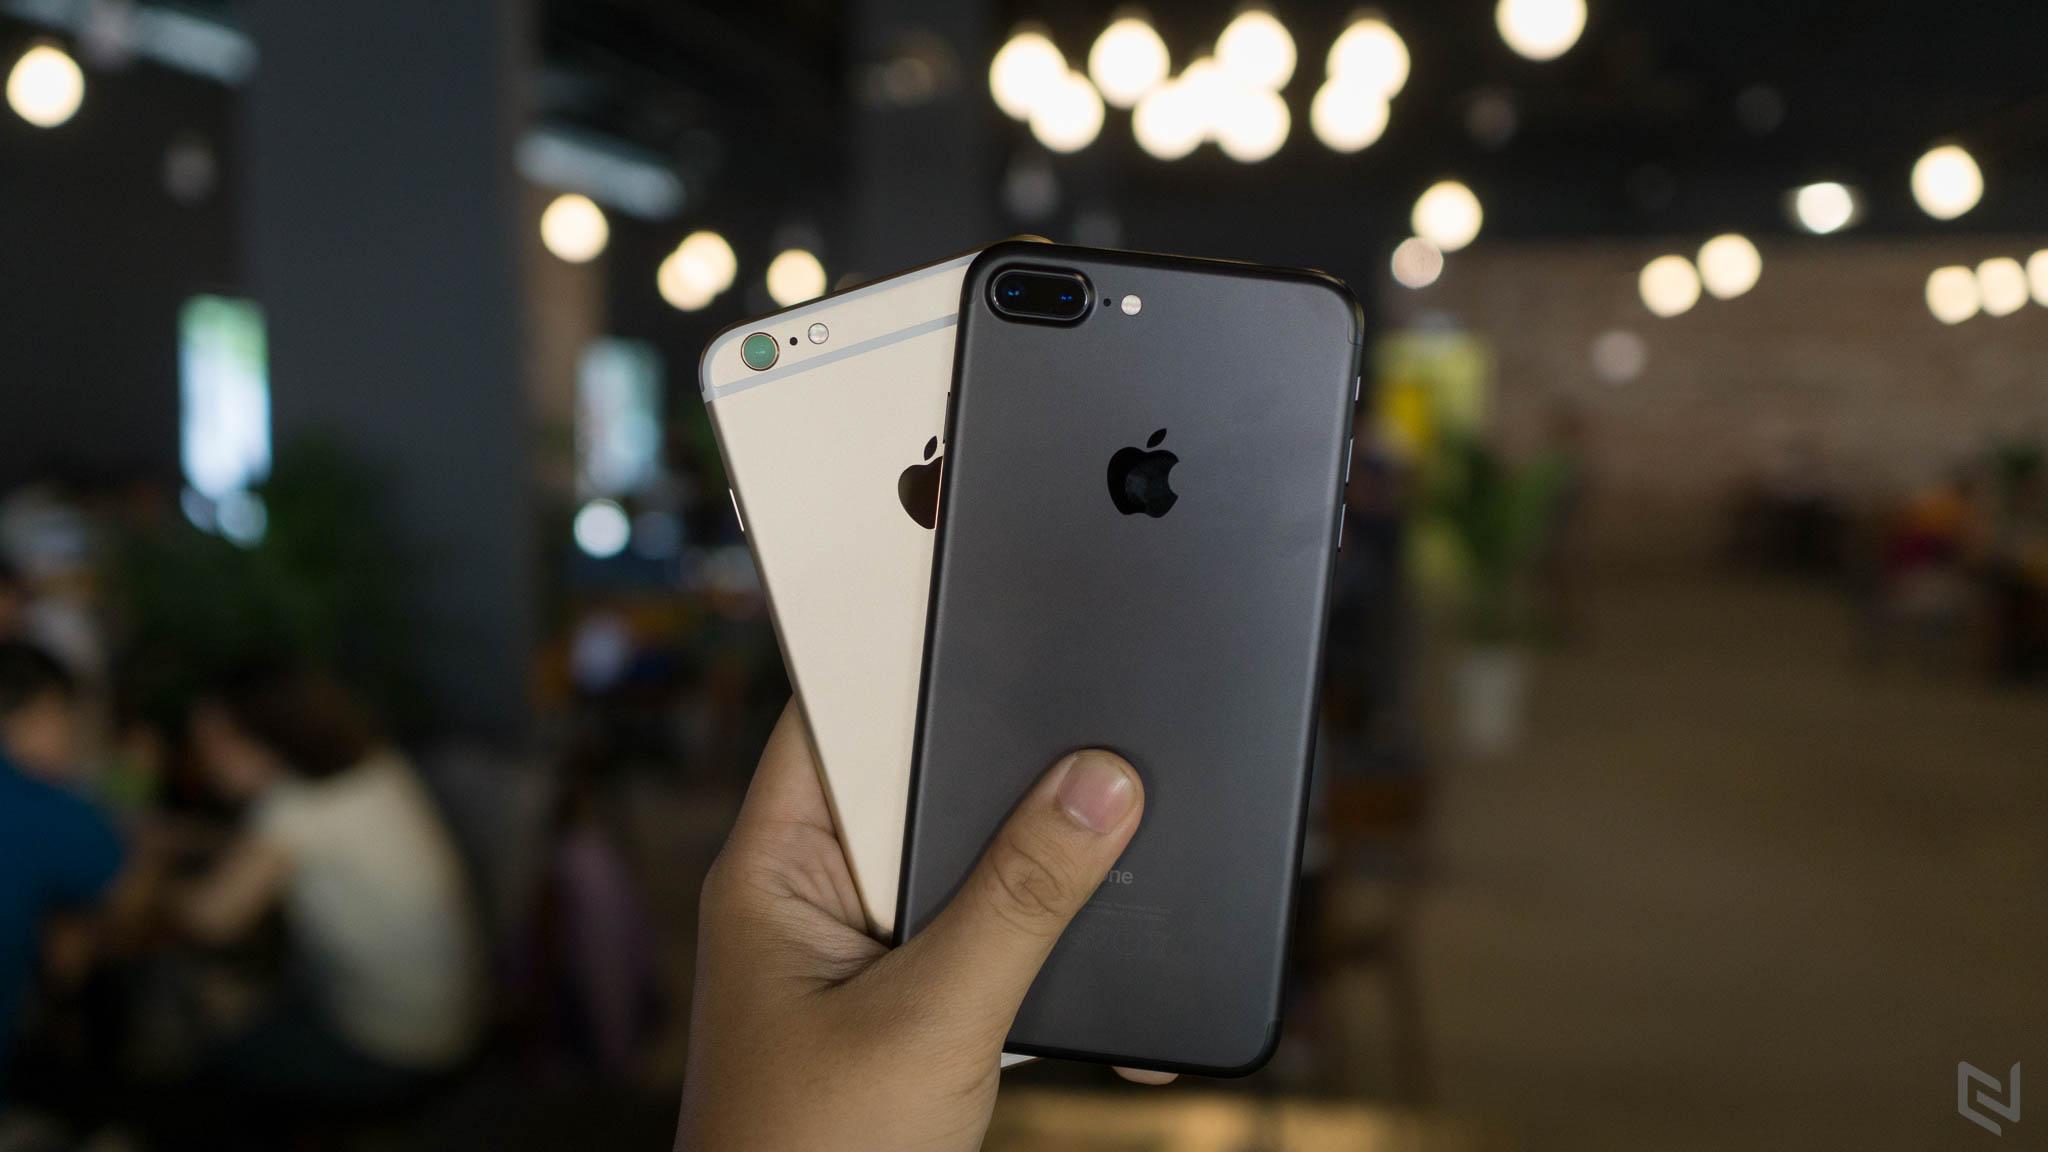 Có hai loại iPhone 7 Plus có tốc độ khác nhau